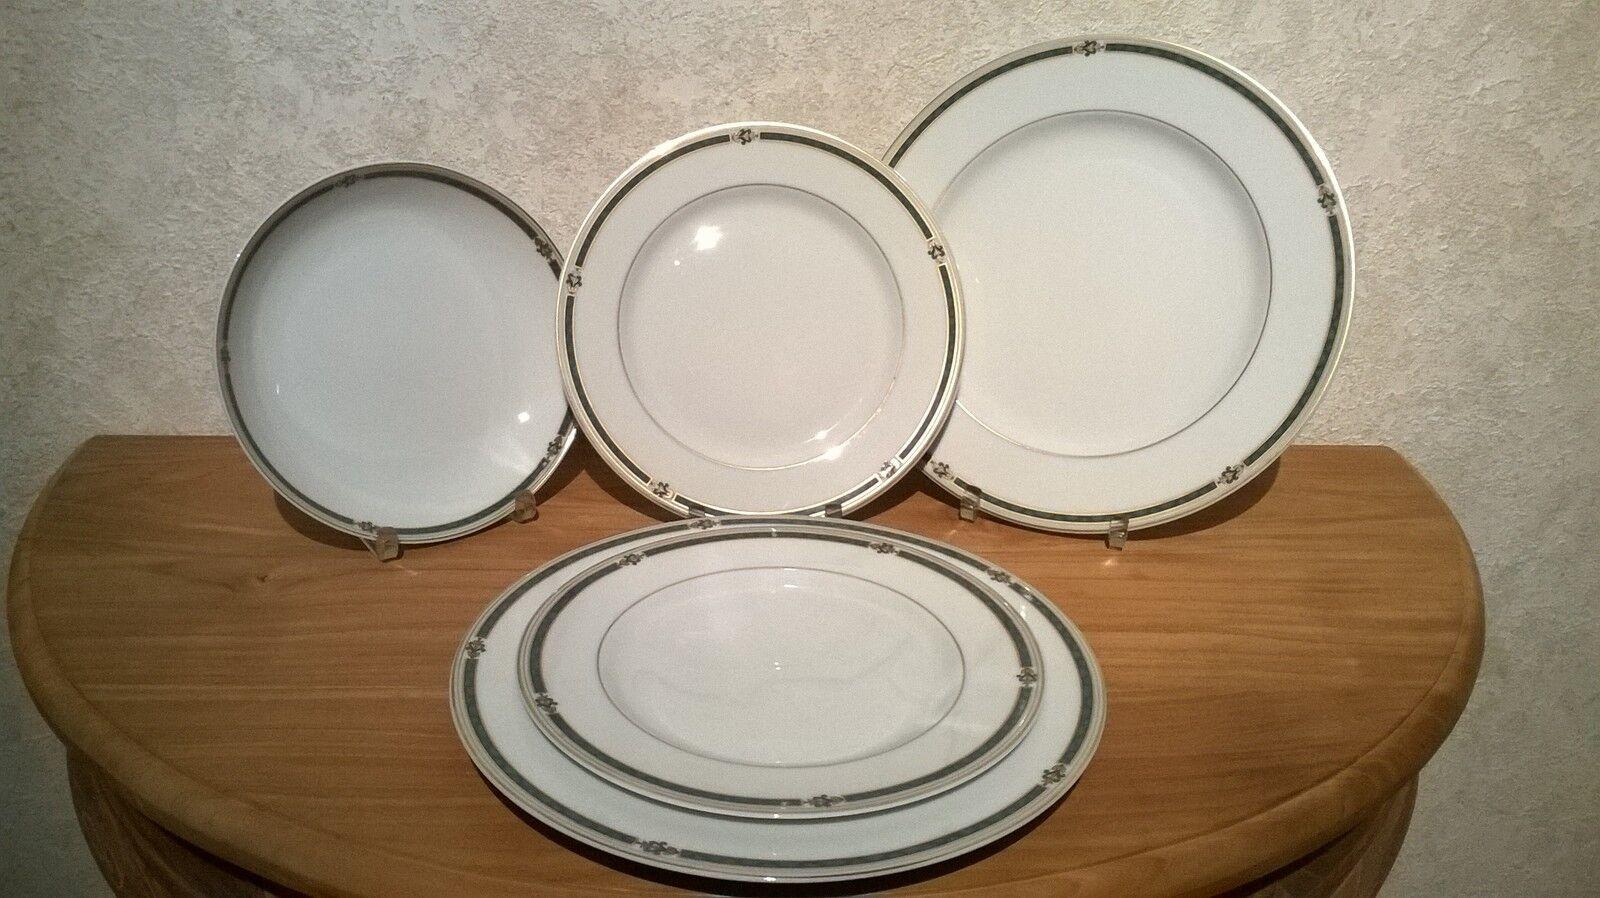 Medard de de de Noblat NEW Cantani Grün Set 5 Assiettes Set 5 Plates d5378d